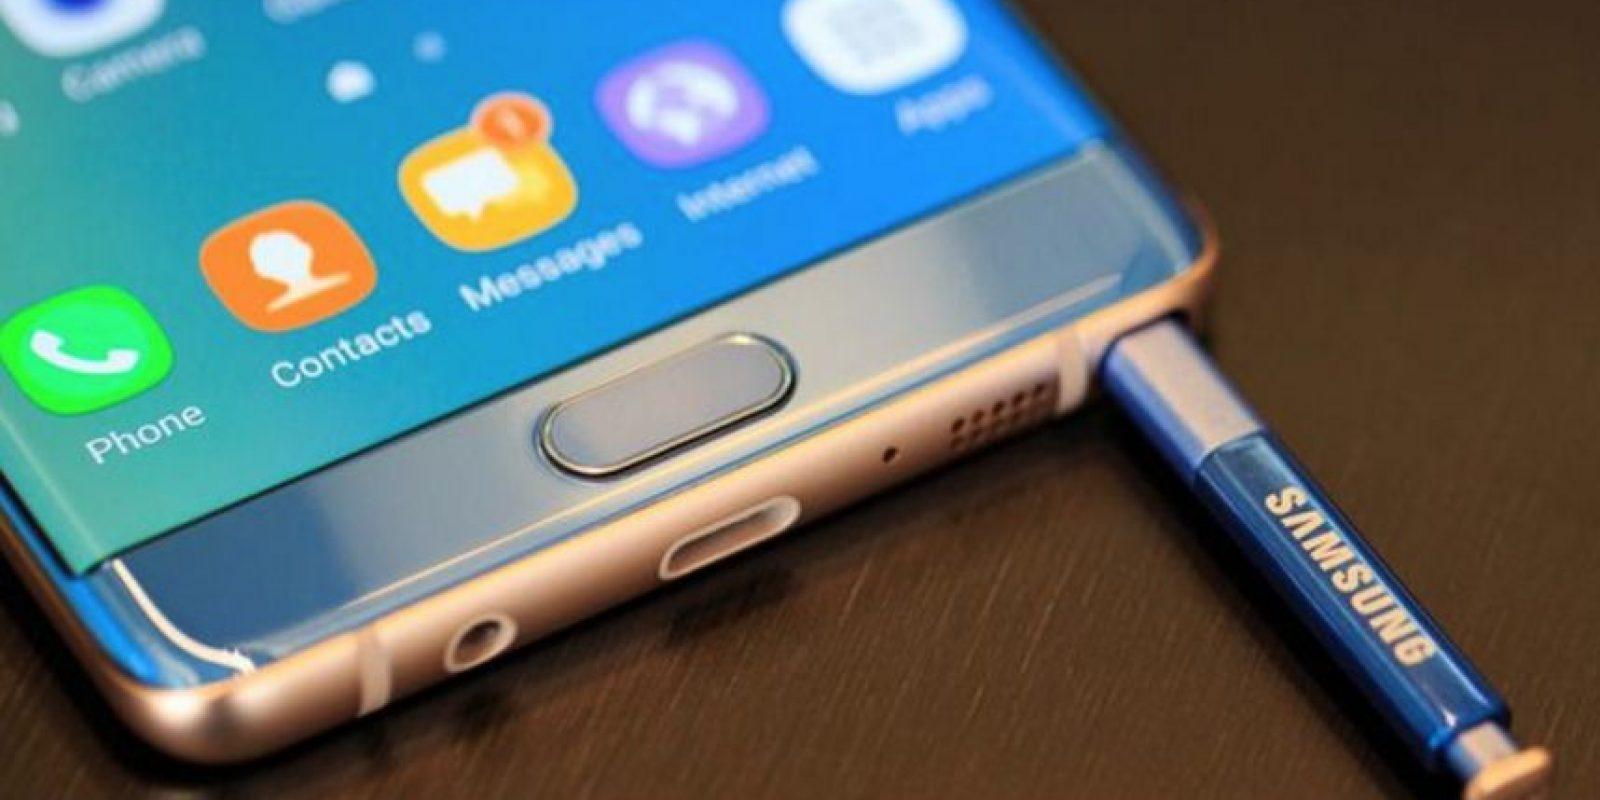 Tampoco se sabe qué pasará con los accesorios del Note 7